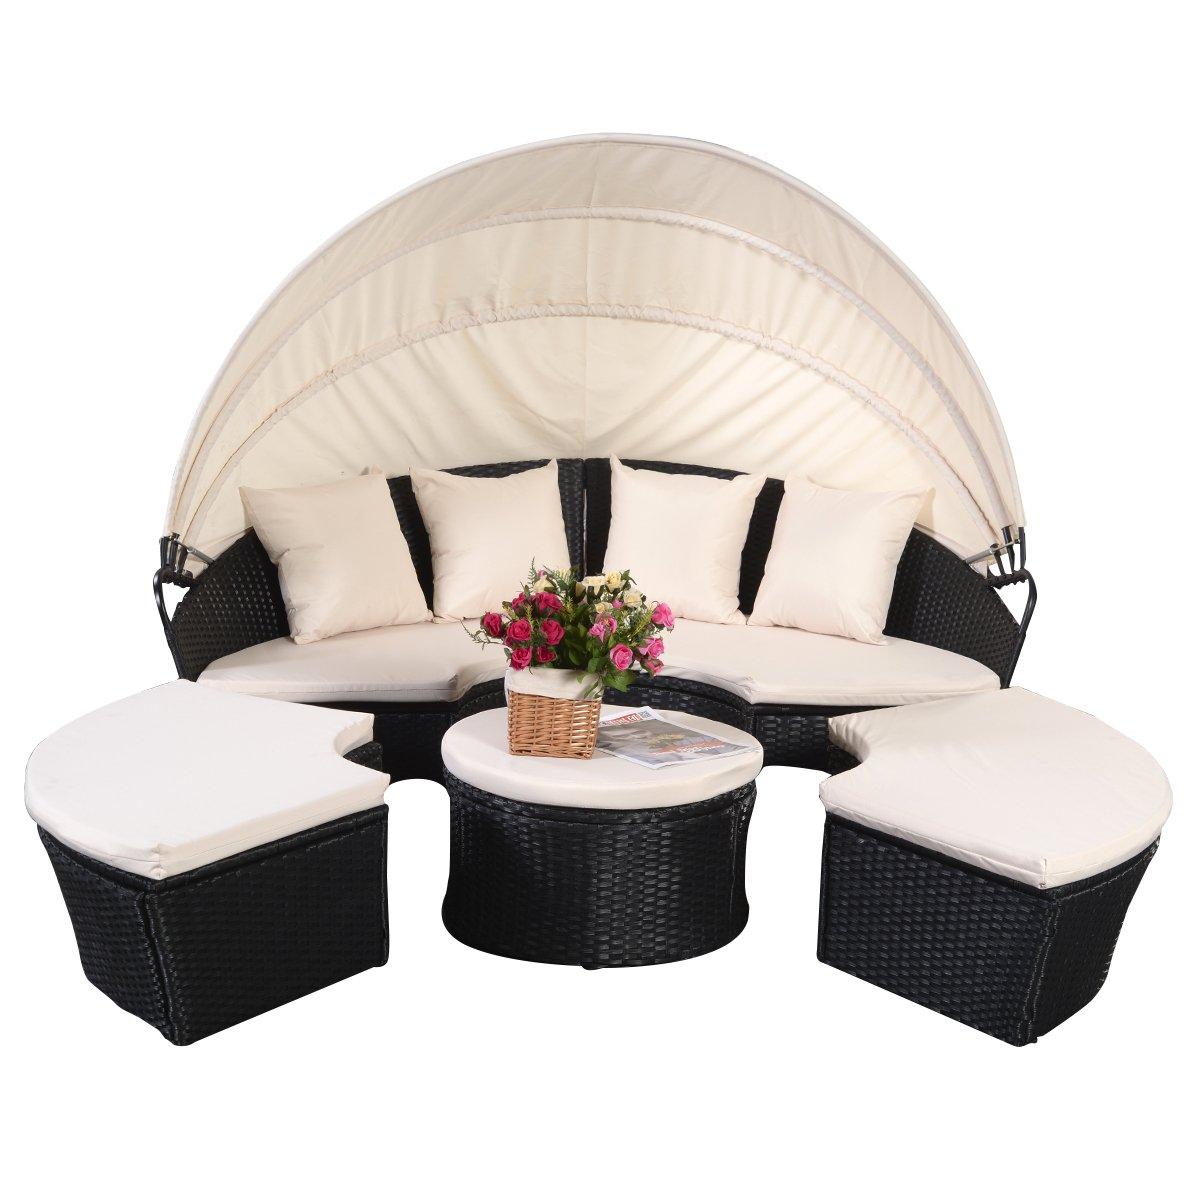 Sonneninsel Poly Rattan Lounge Gartenliege Sonnenliege Gartenmöbel ...